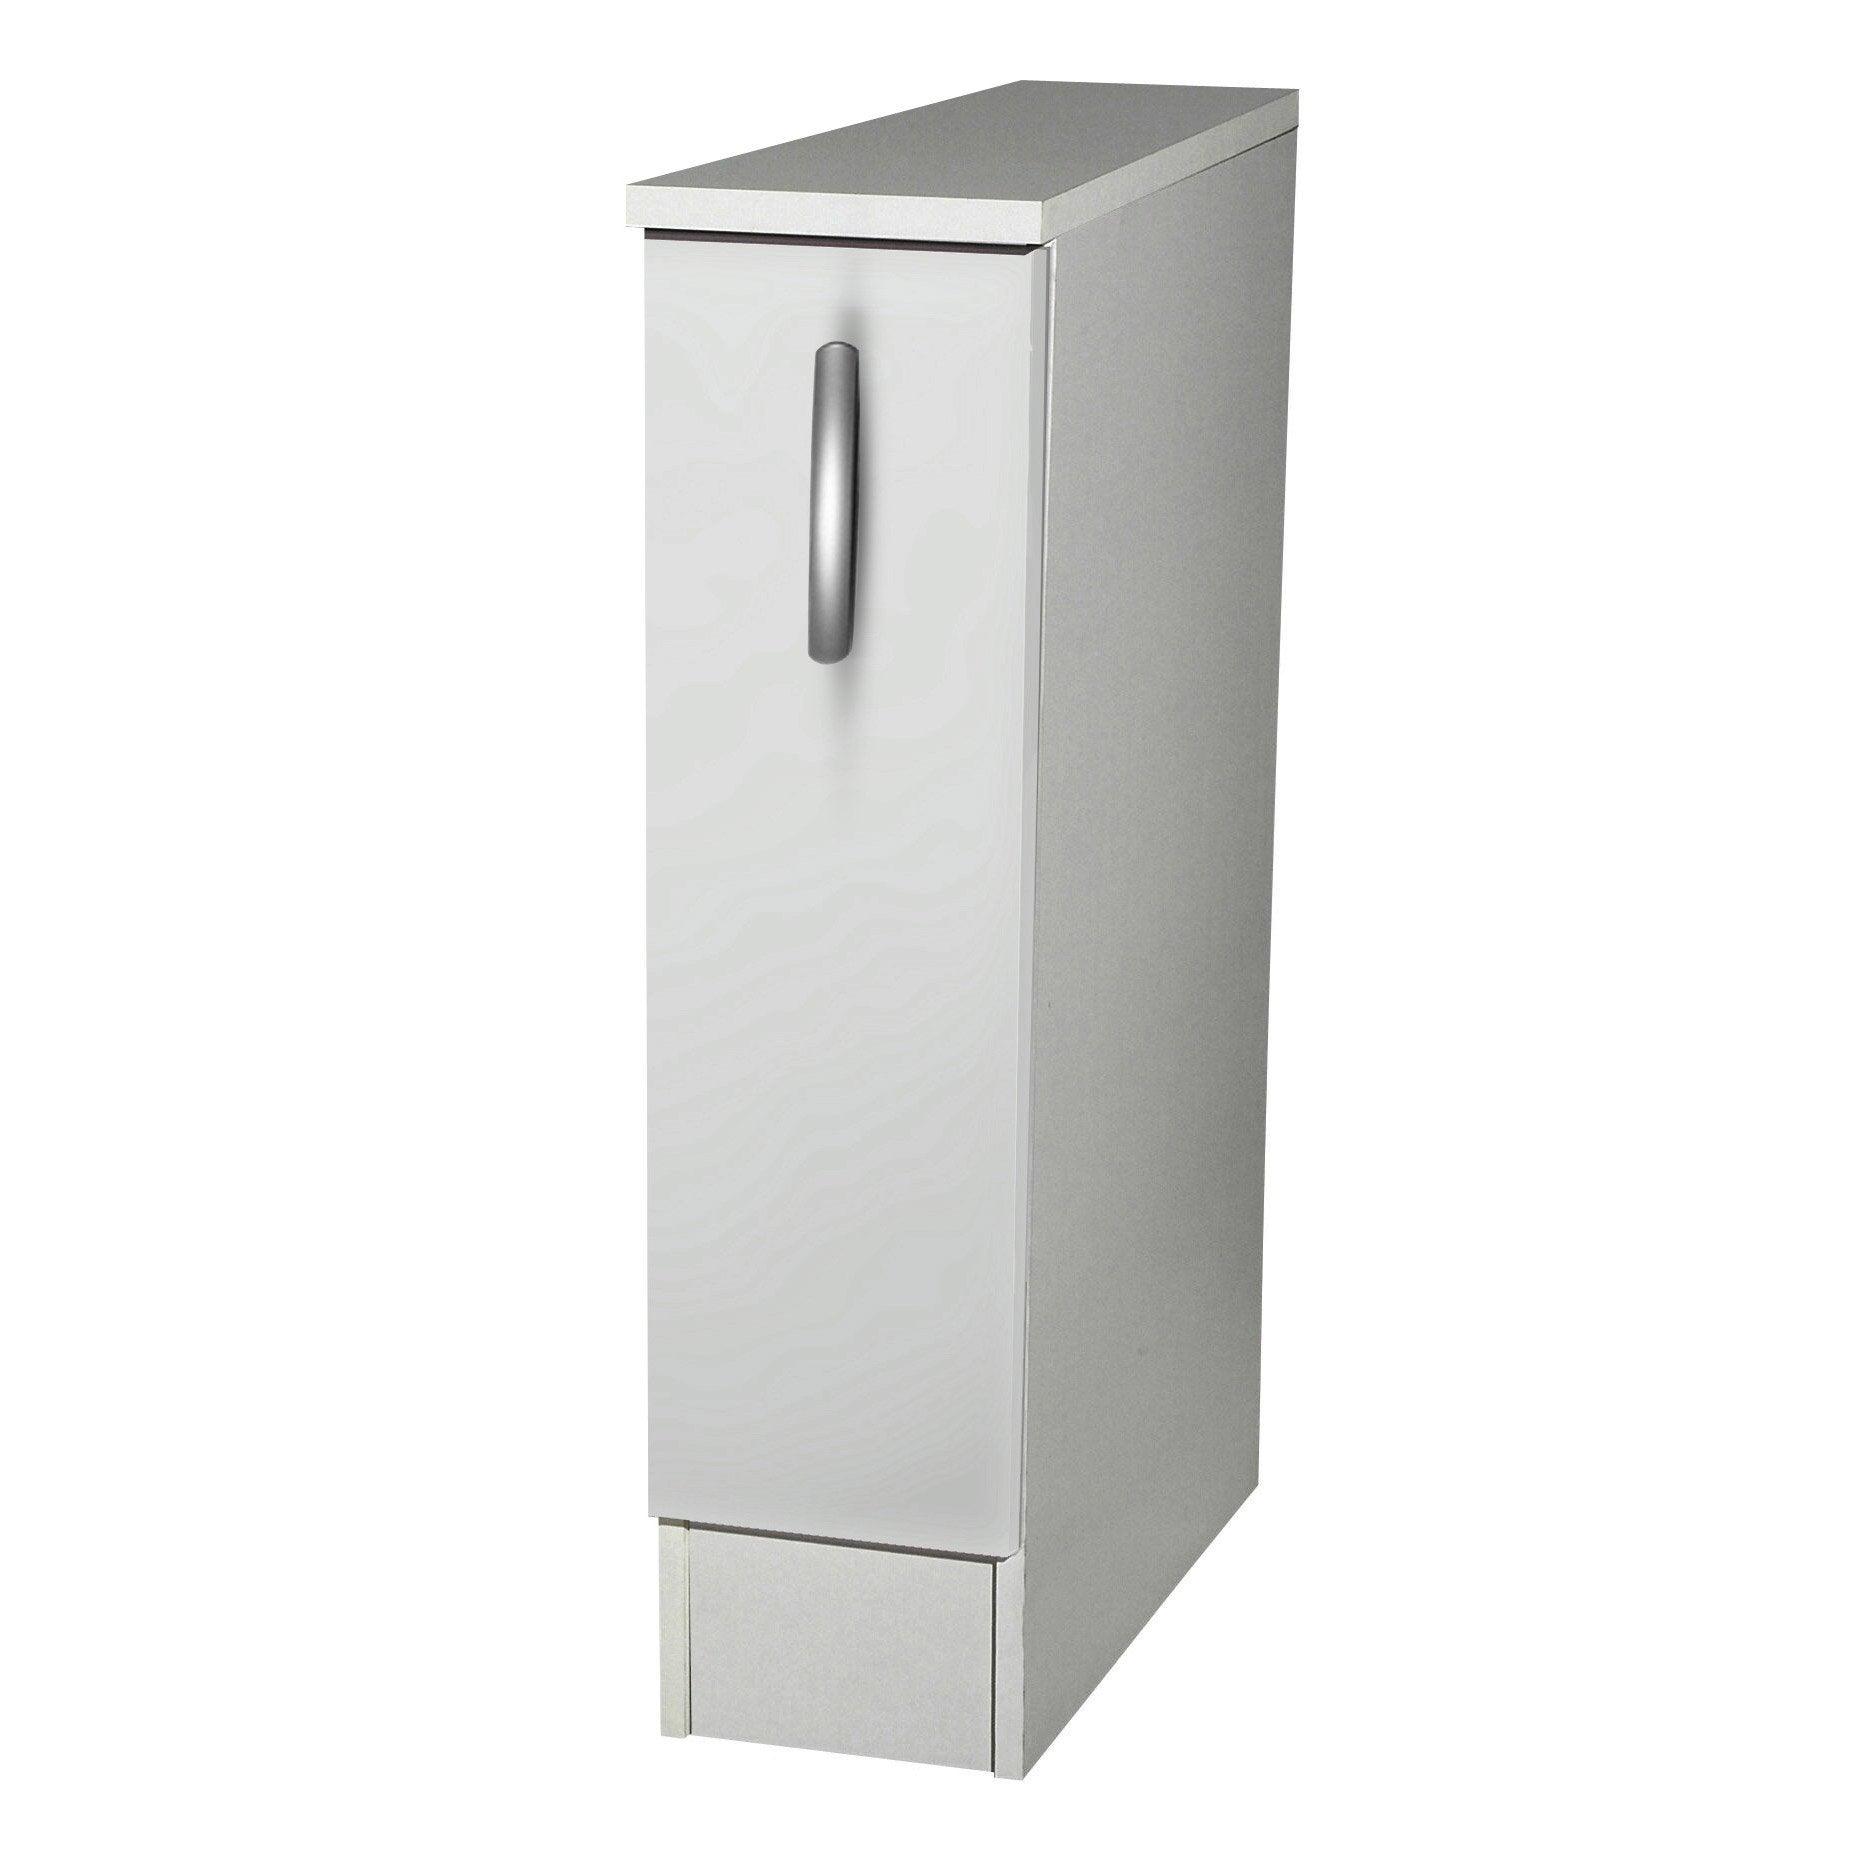 Meuble Bas De Rangement Pour Cuisine meuble de cuisine bas 1 porte, blanc, h86x l15x p60cm